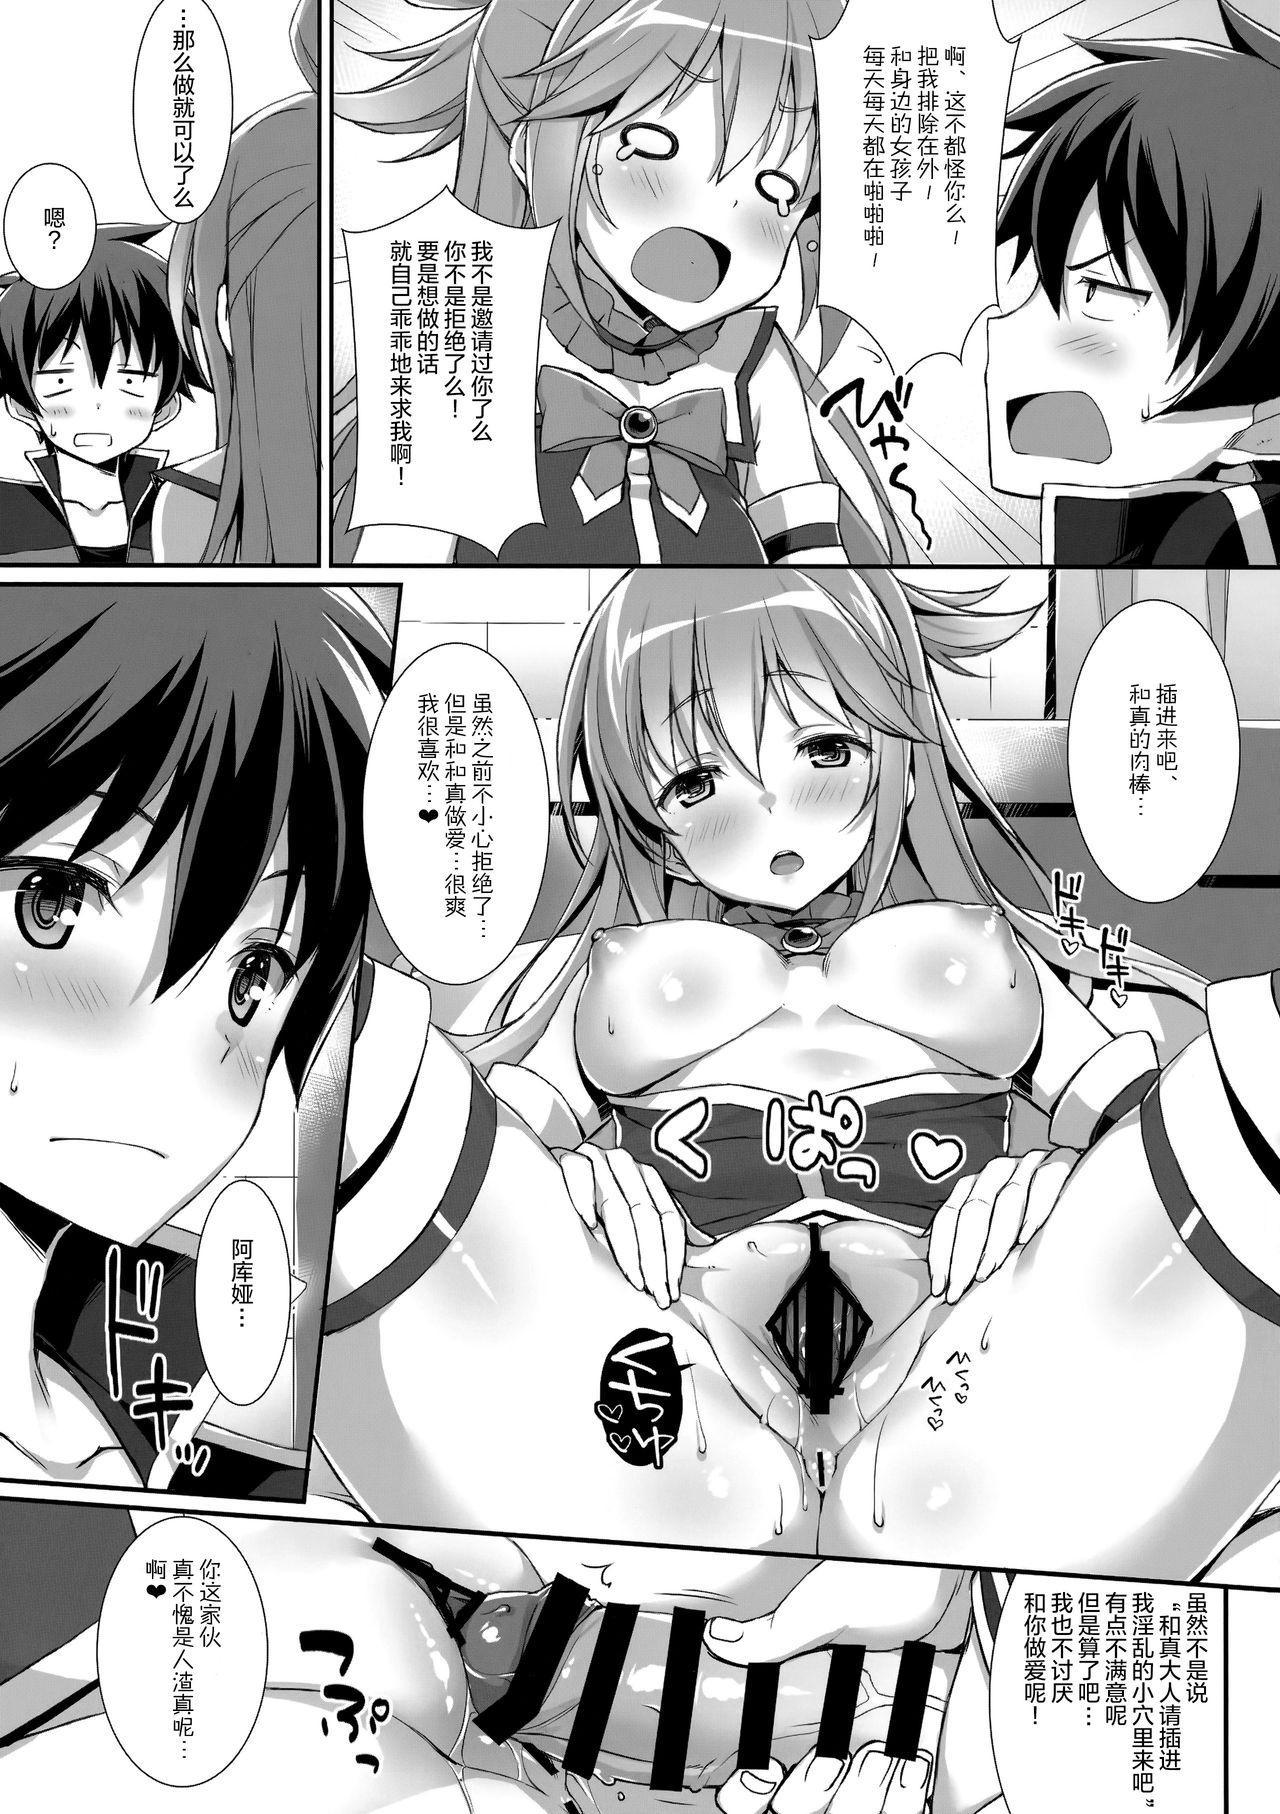 Kono Zannen Sugiru Megami ni Seisai o! 12